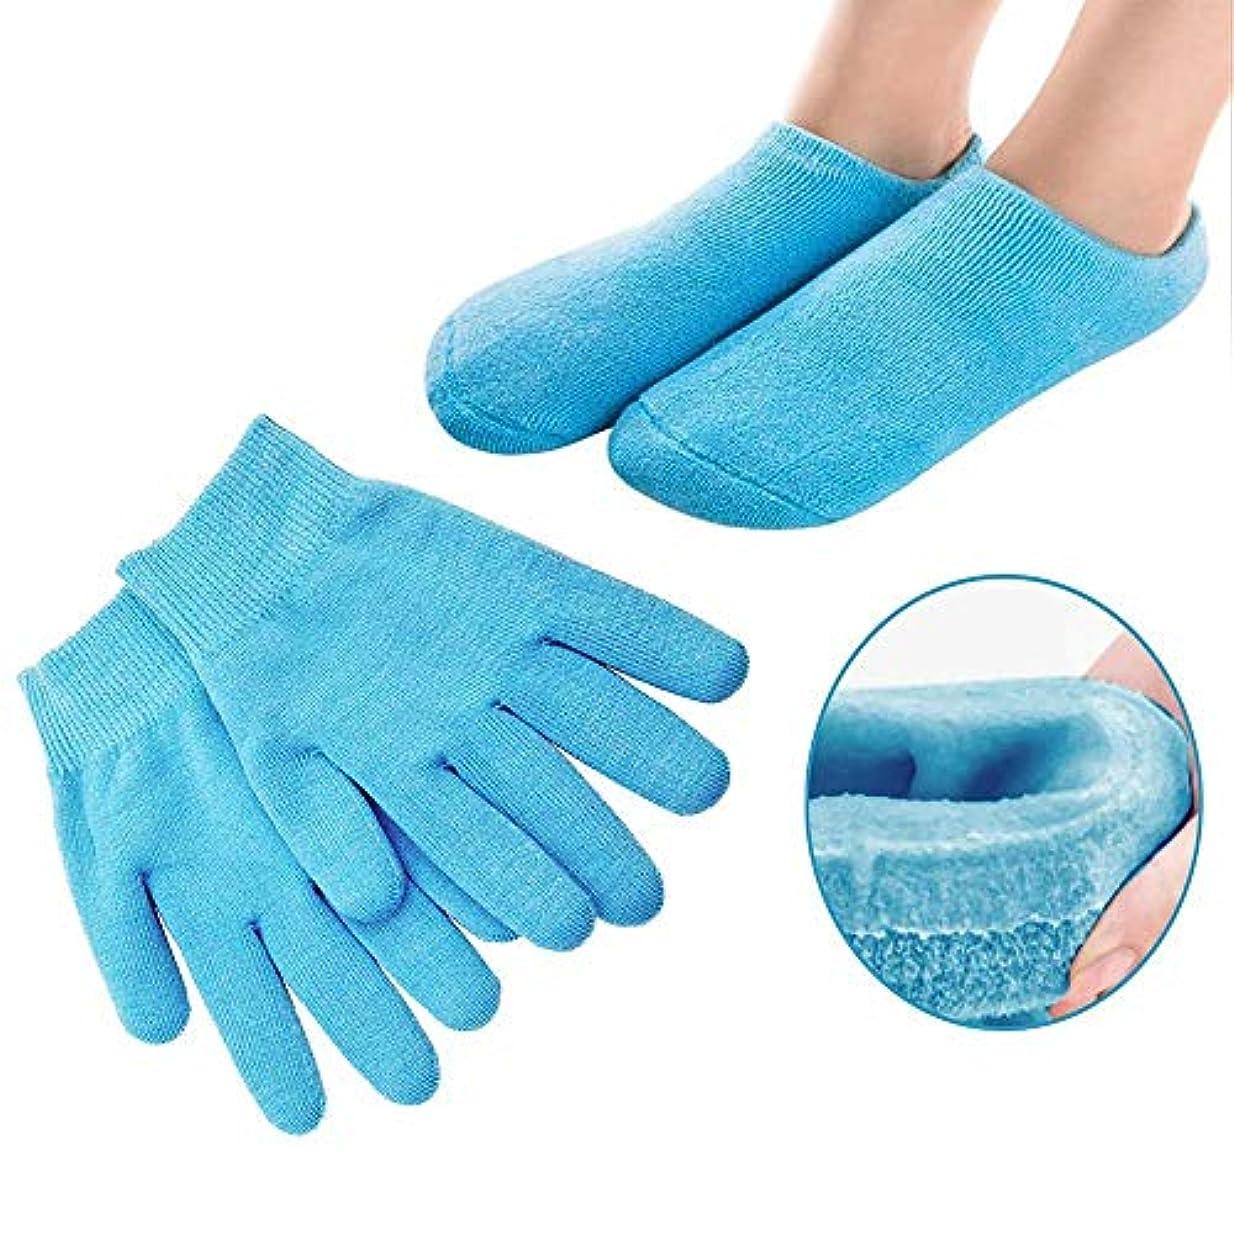 スムーズに狂った槍Pinkiou 眠る森のSPAジェルグローブ+SPAジェルソックス 手アグローブ フットケアソックス 角質取り 保湿 かかとケア オープントゥ 素肌美人 靴下と手袋セット いいお肌になりましょう(ブルー)